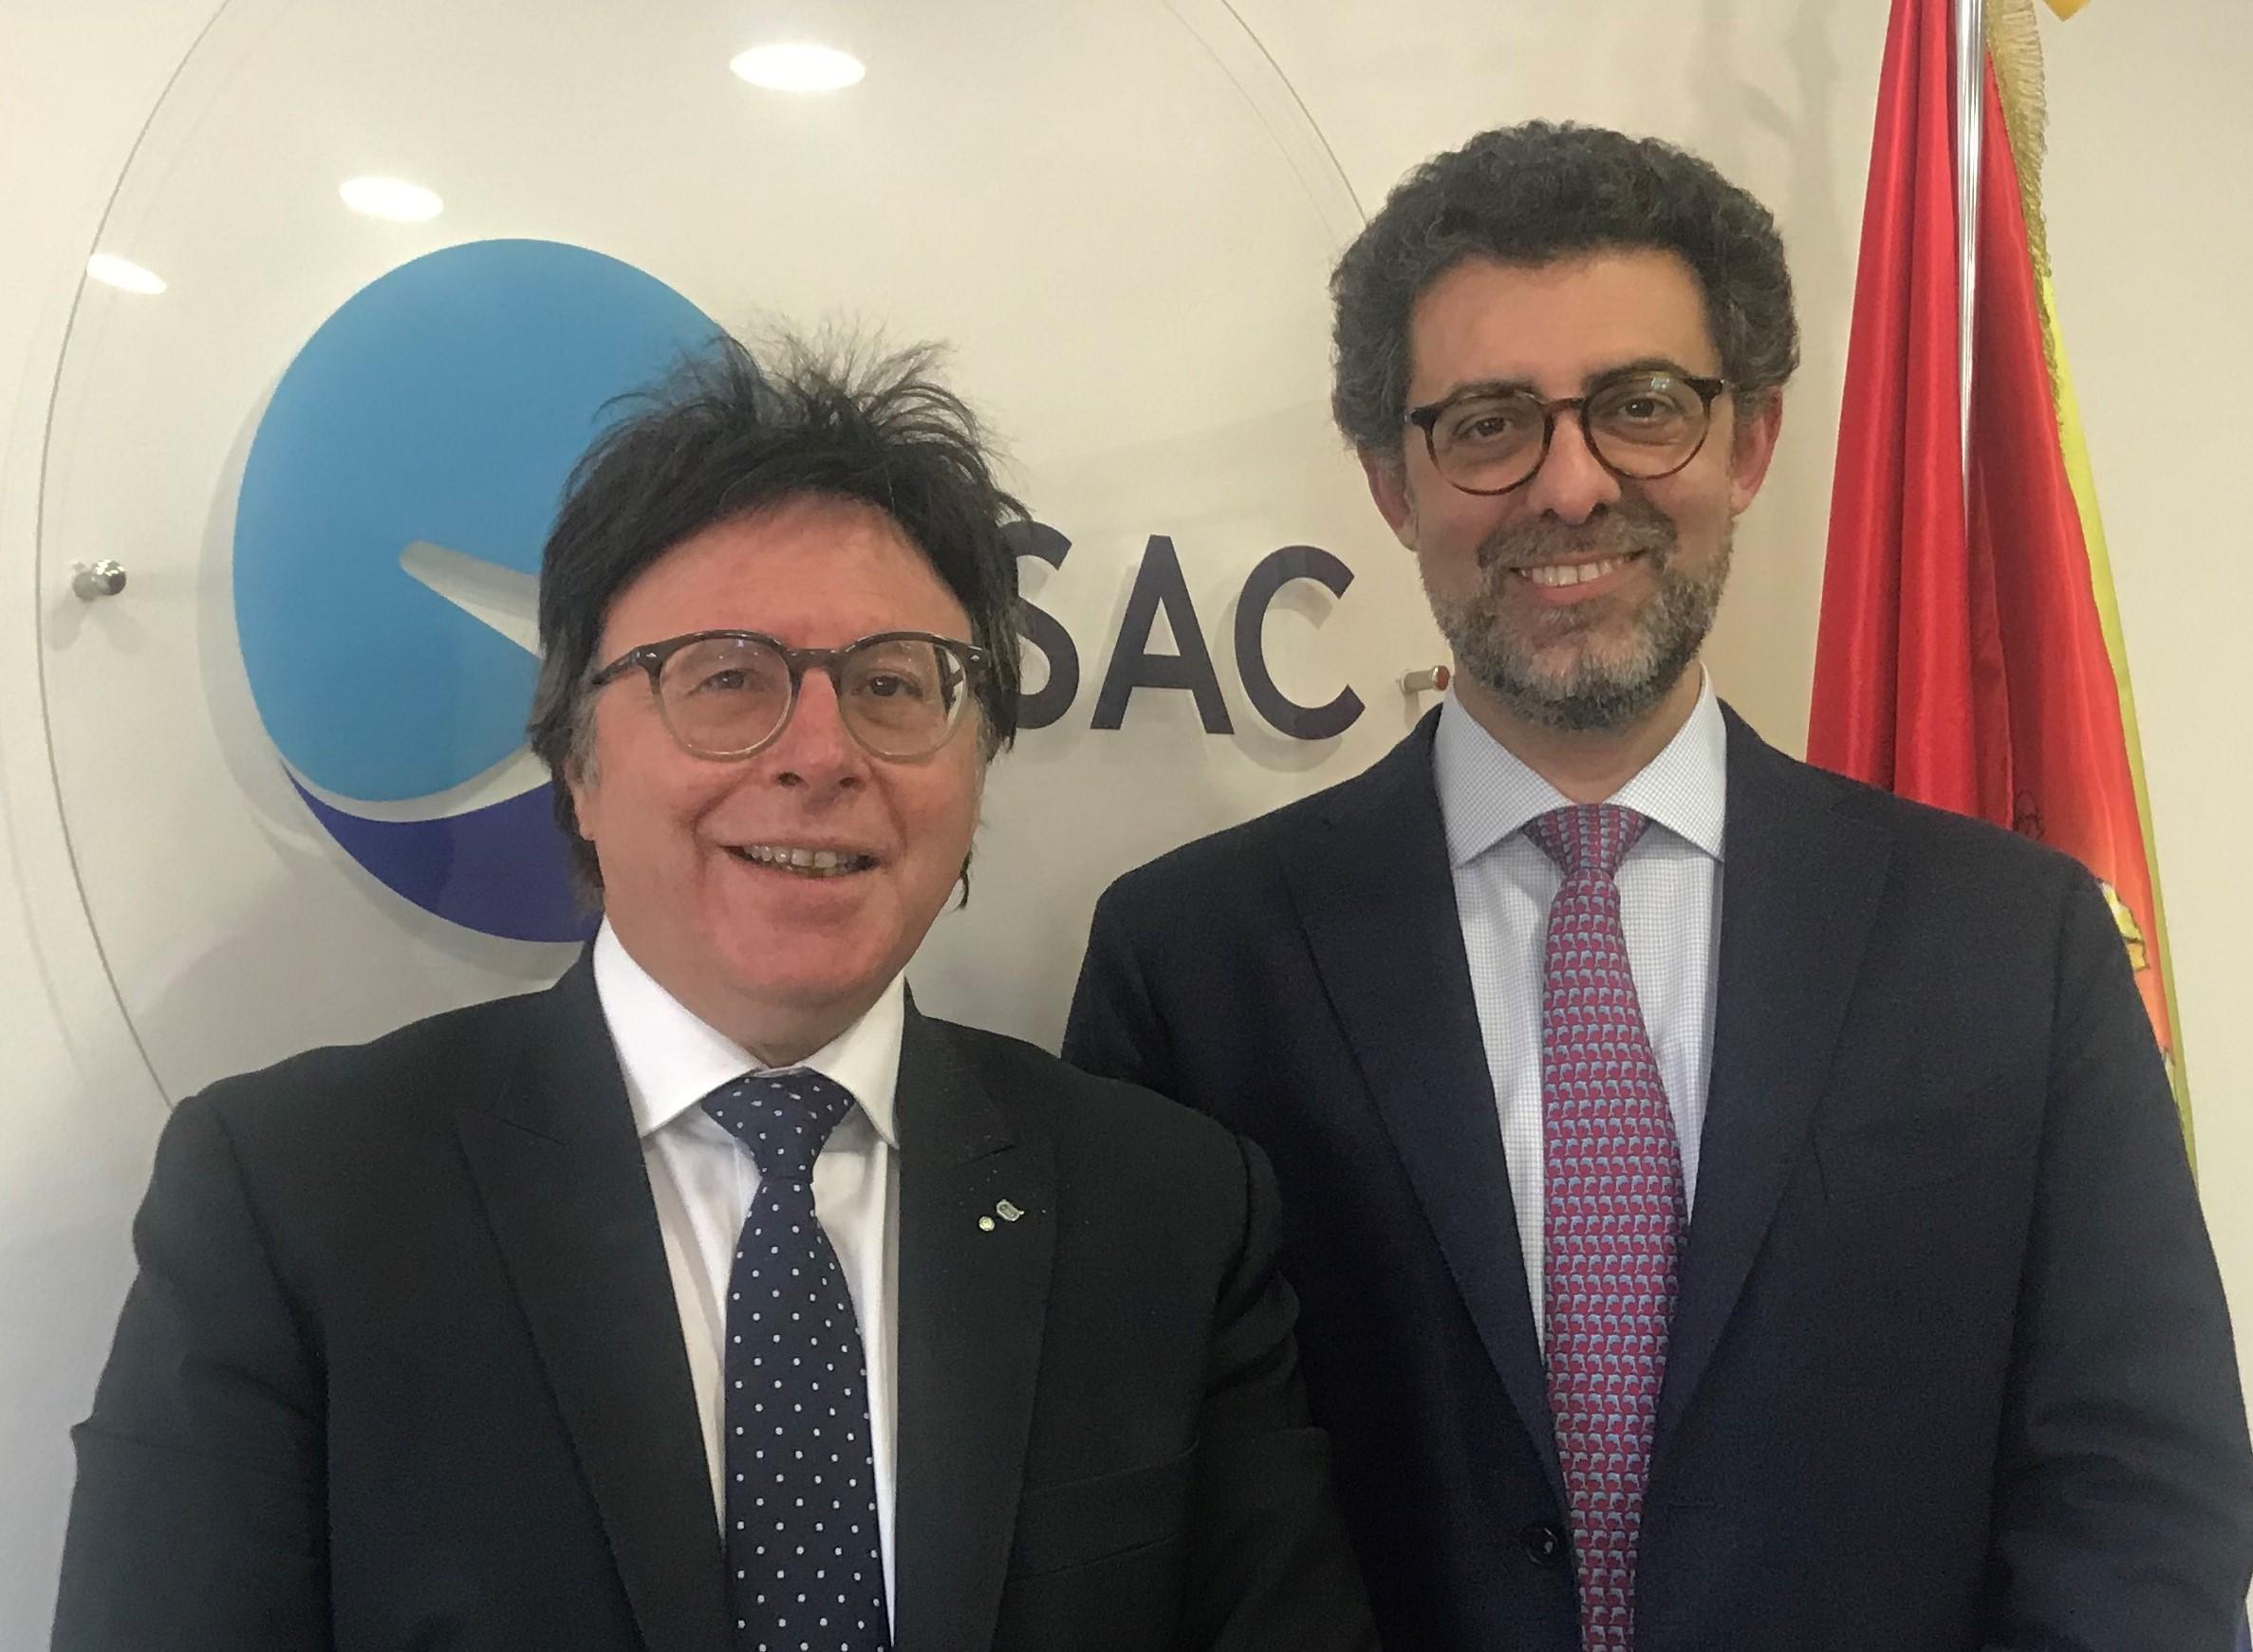 Aeroporto di Catania, Sandro Gambuzza eletto nuovo presidente della Sac